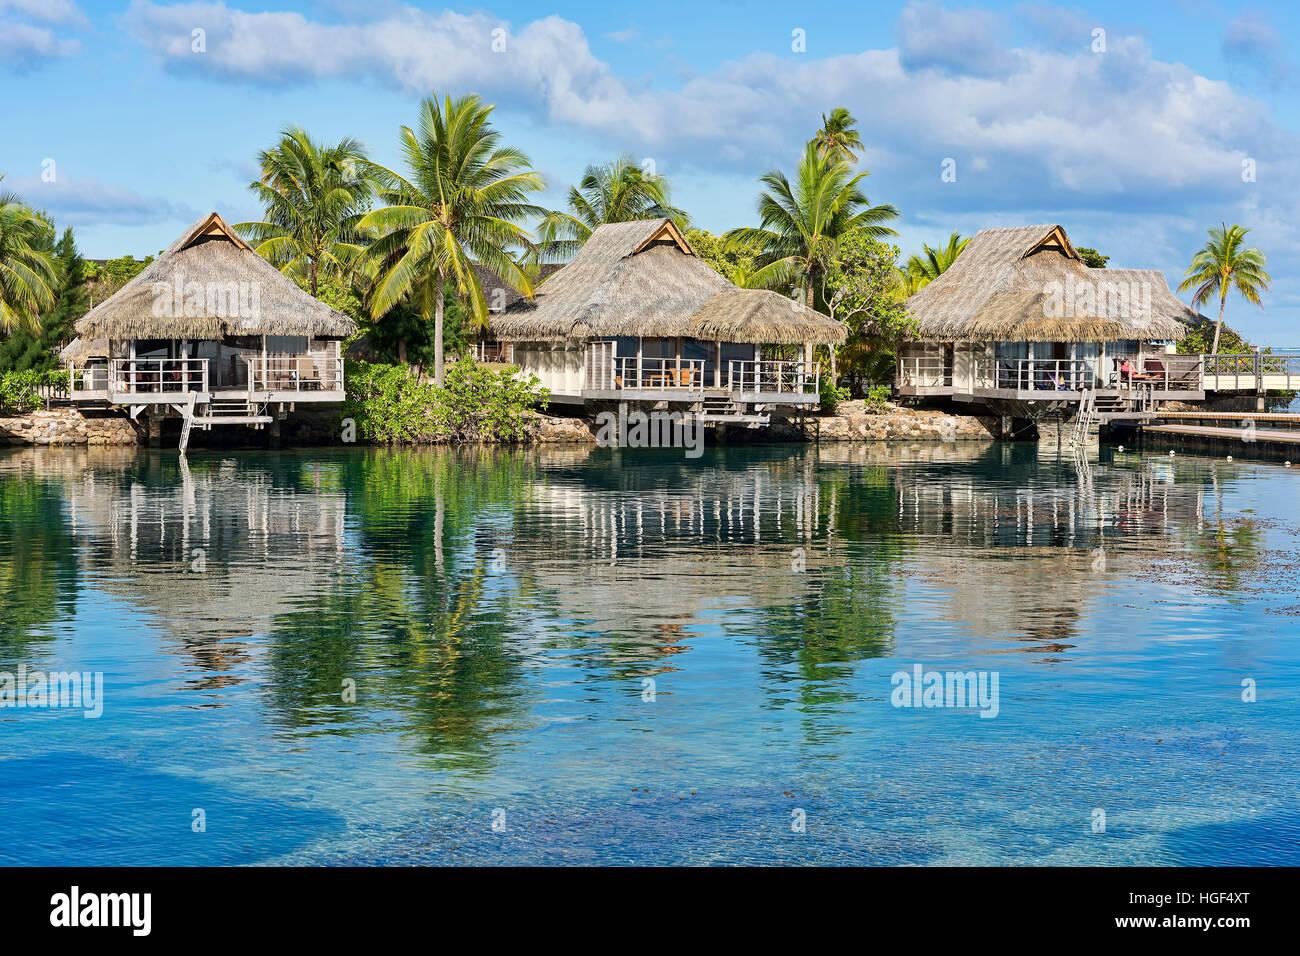 Ferienanlage mit Bungalows, Moorea, Französisch-Polynesien Stockbild